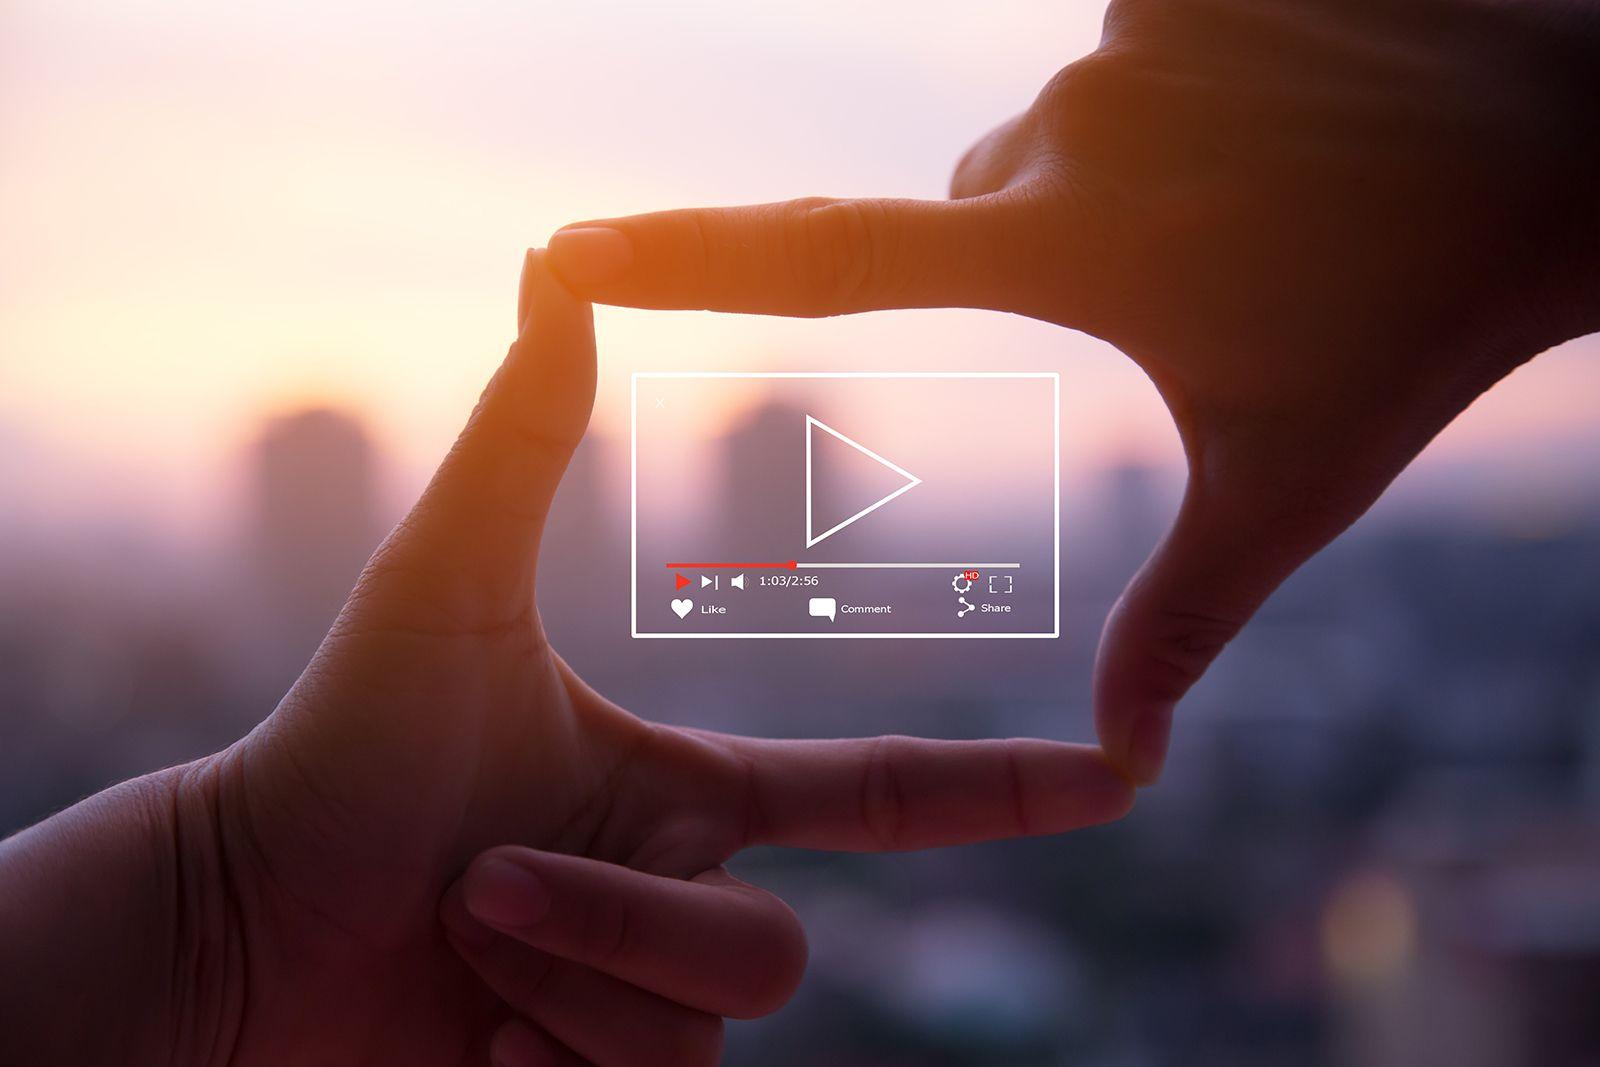 7 مرحله تدوین استراتژی بازاریابی ویدیویی | پرگاس